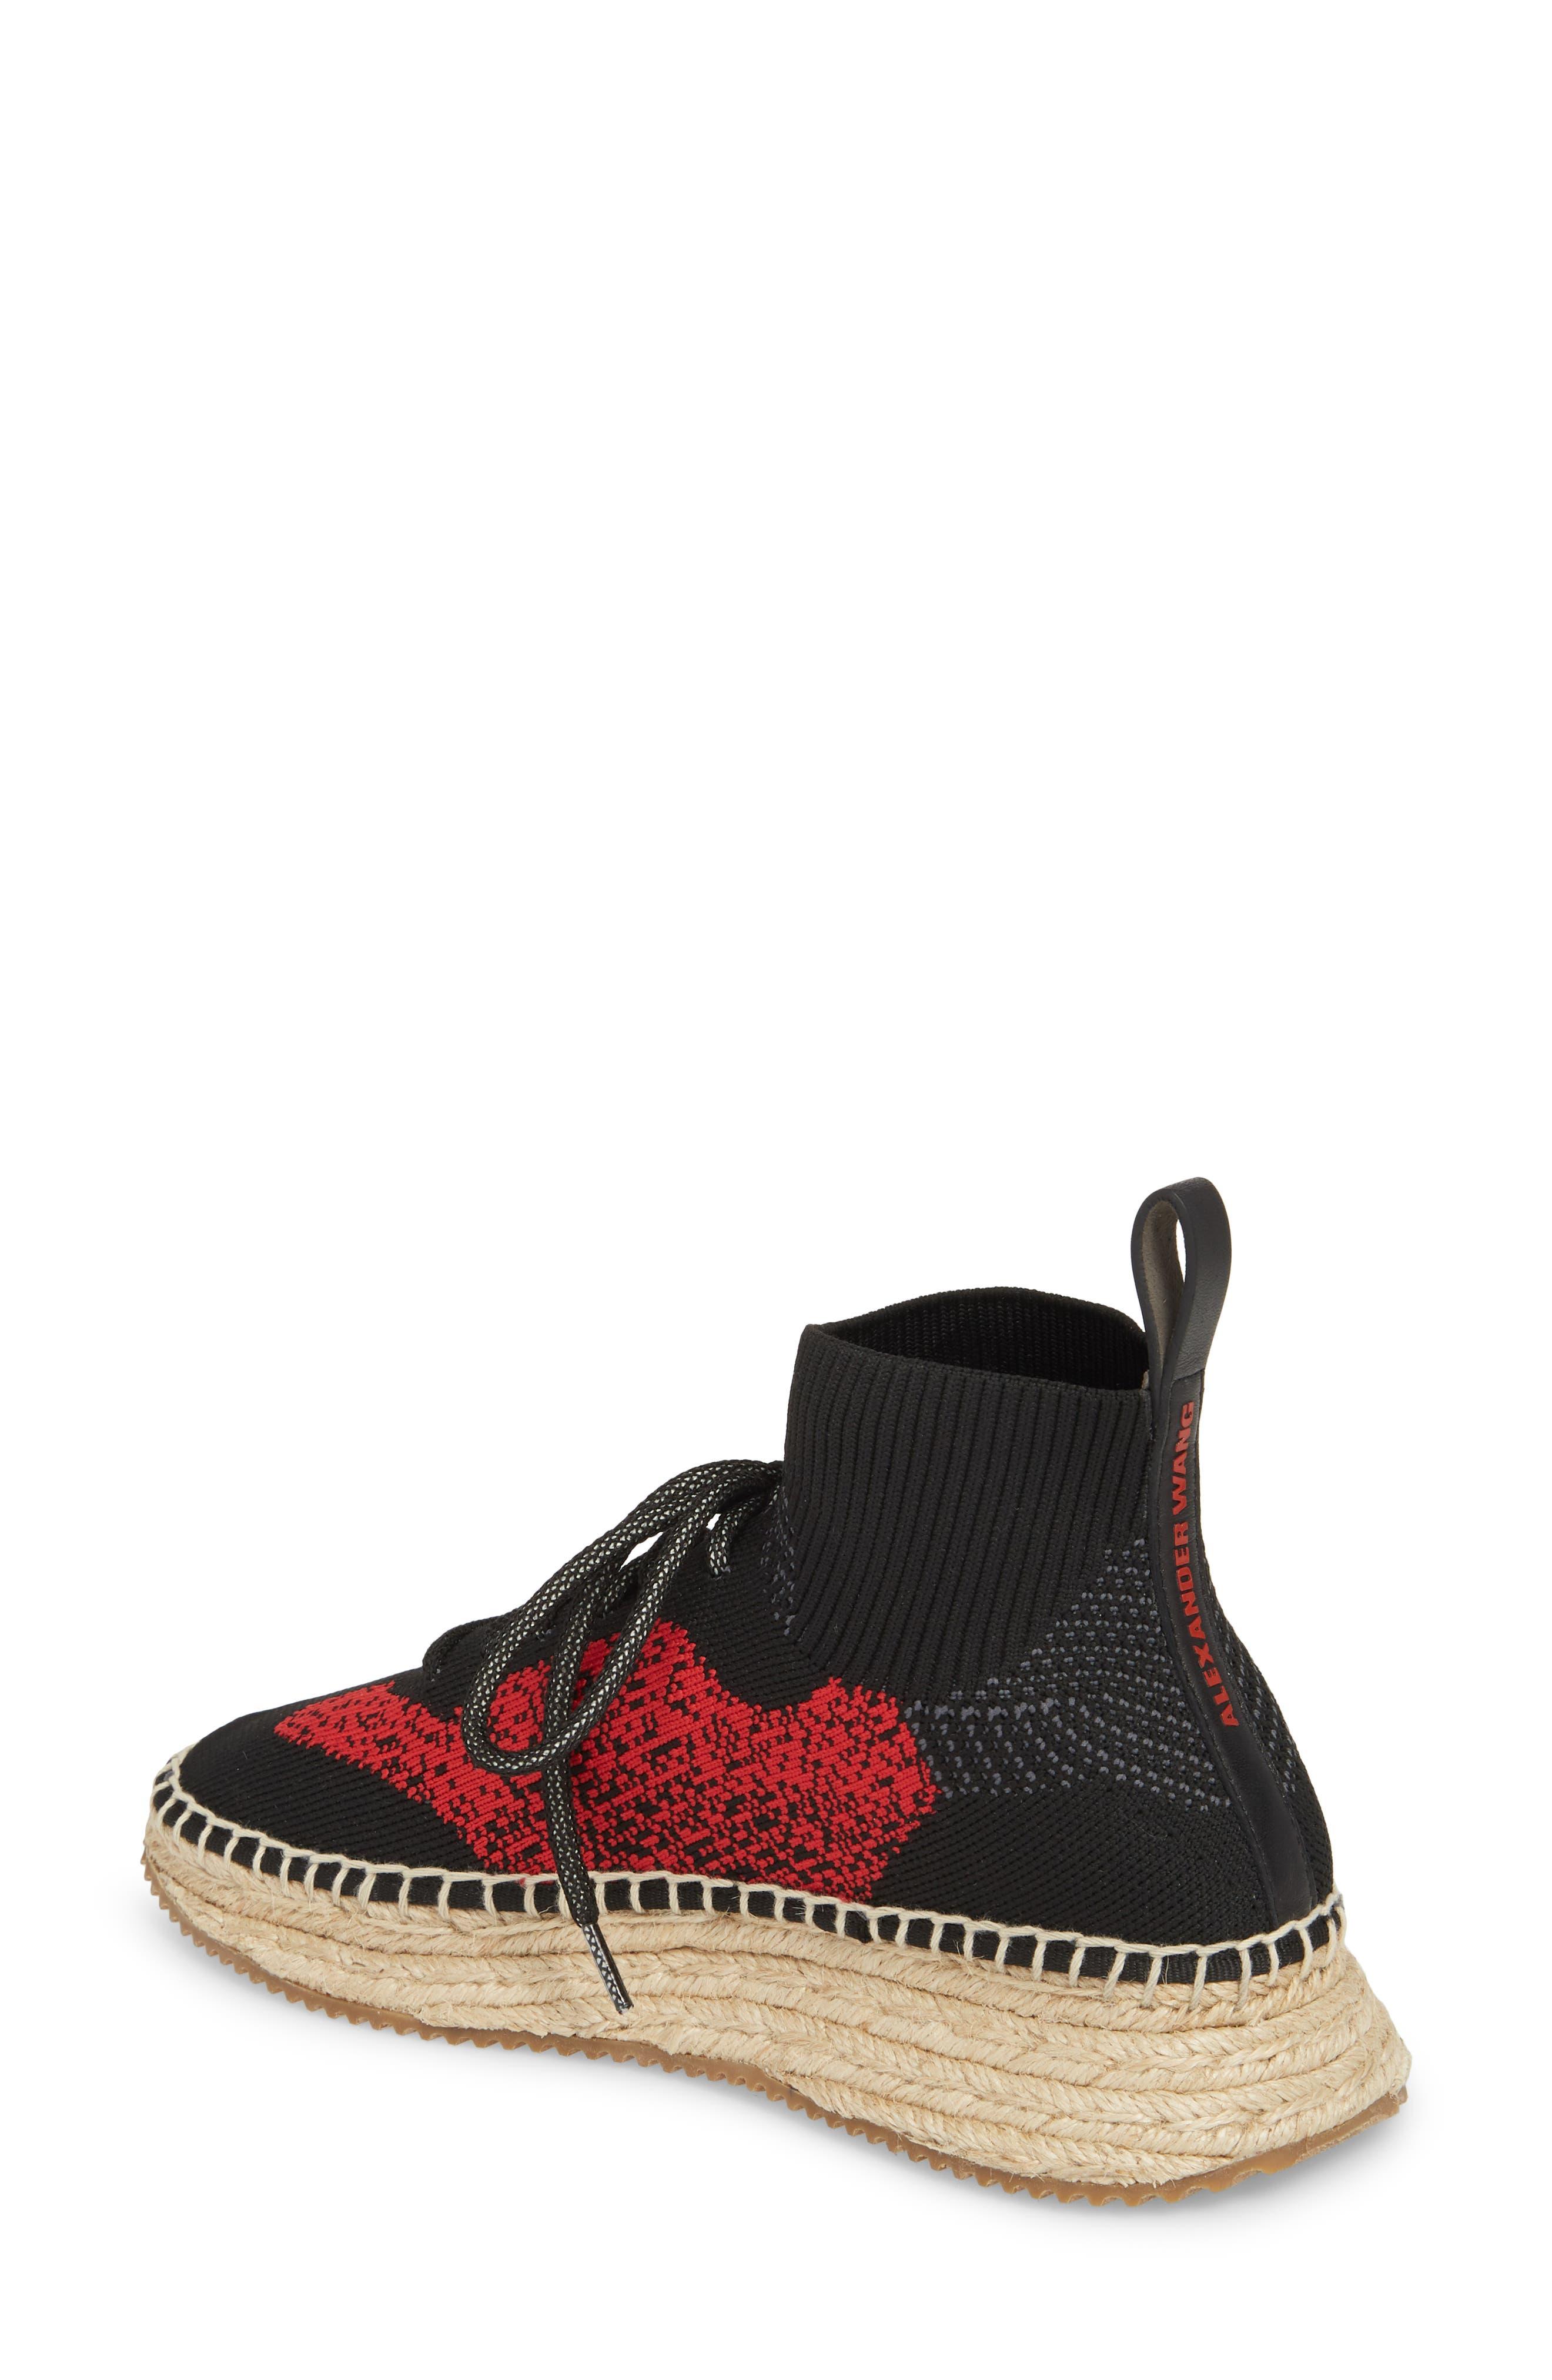 Dakota Espadrille Sock Sneaker,                             Alternate thumbnail 4, color,